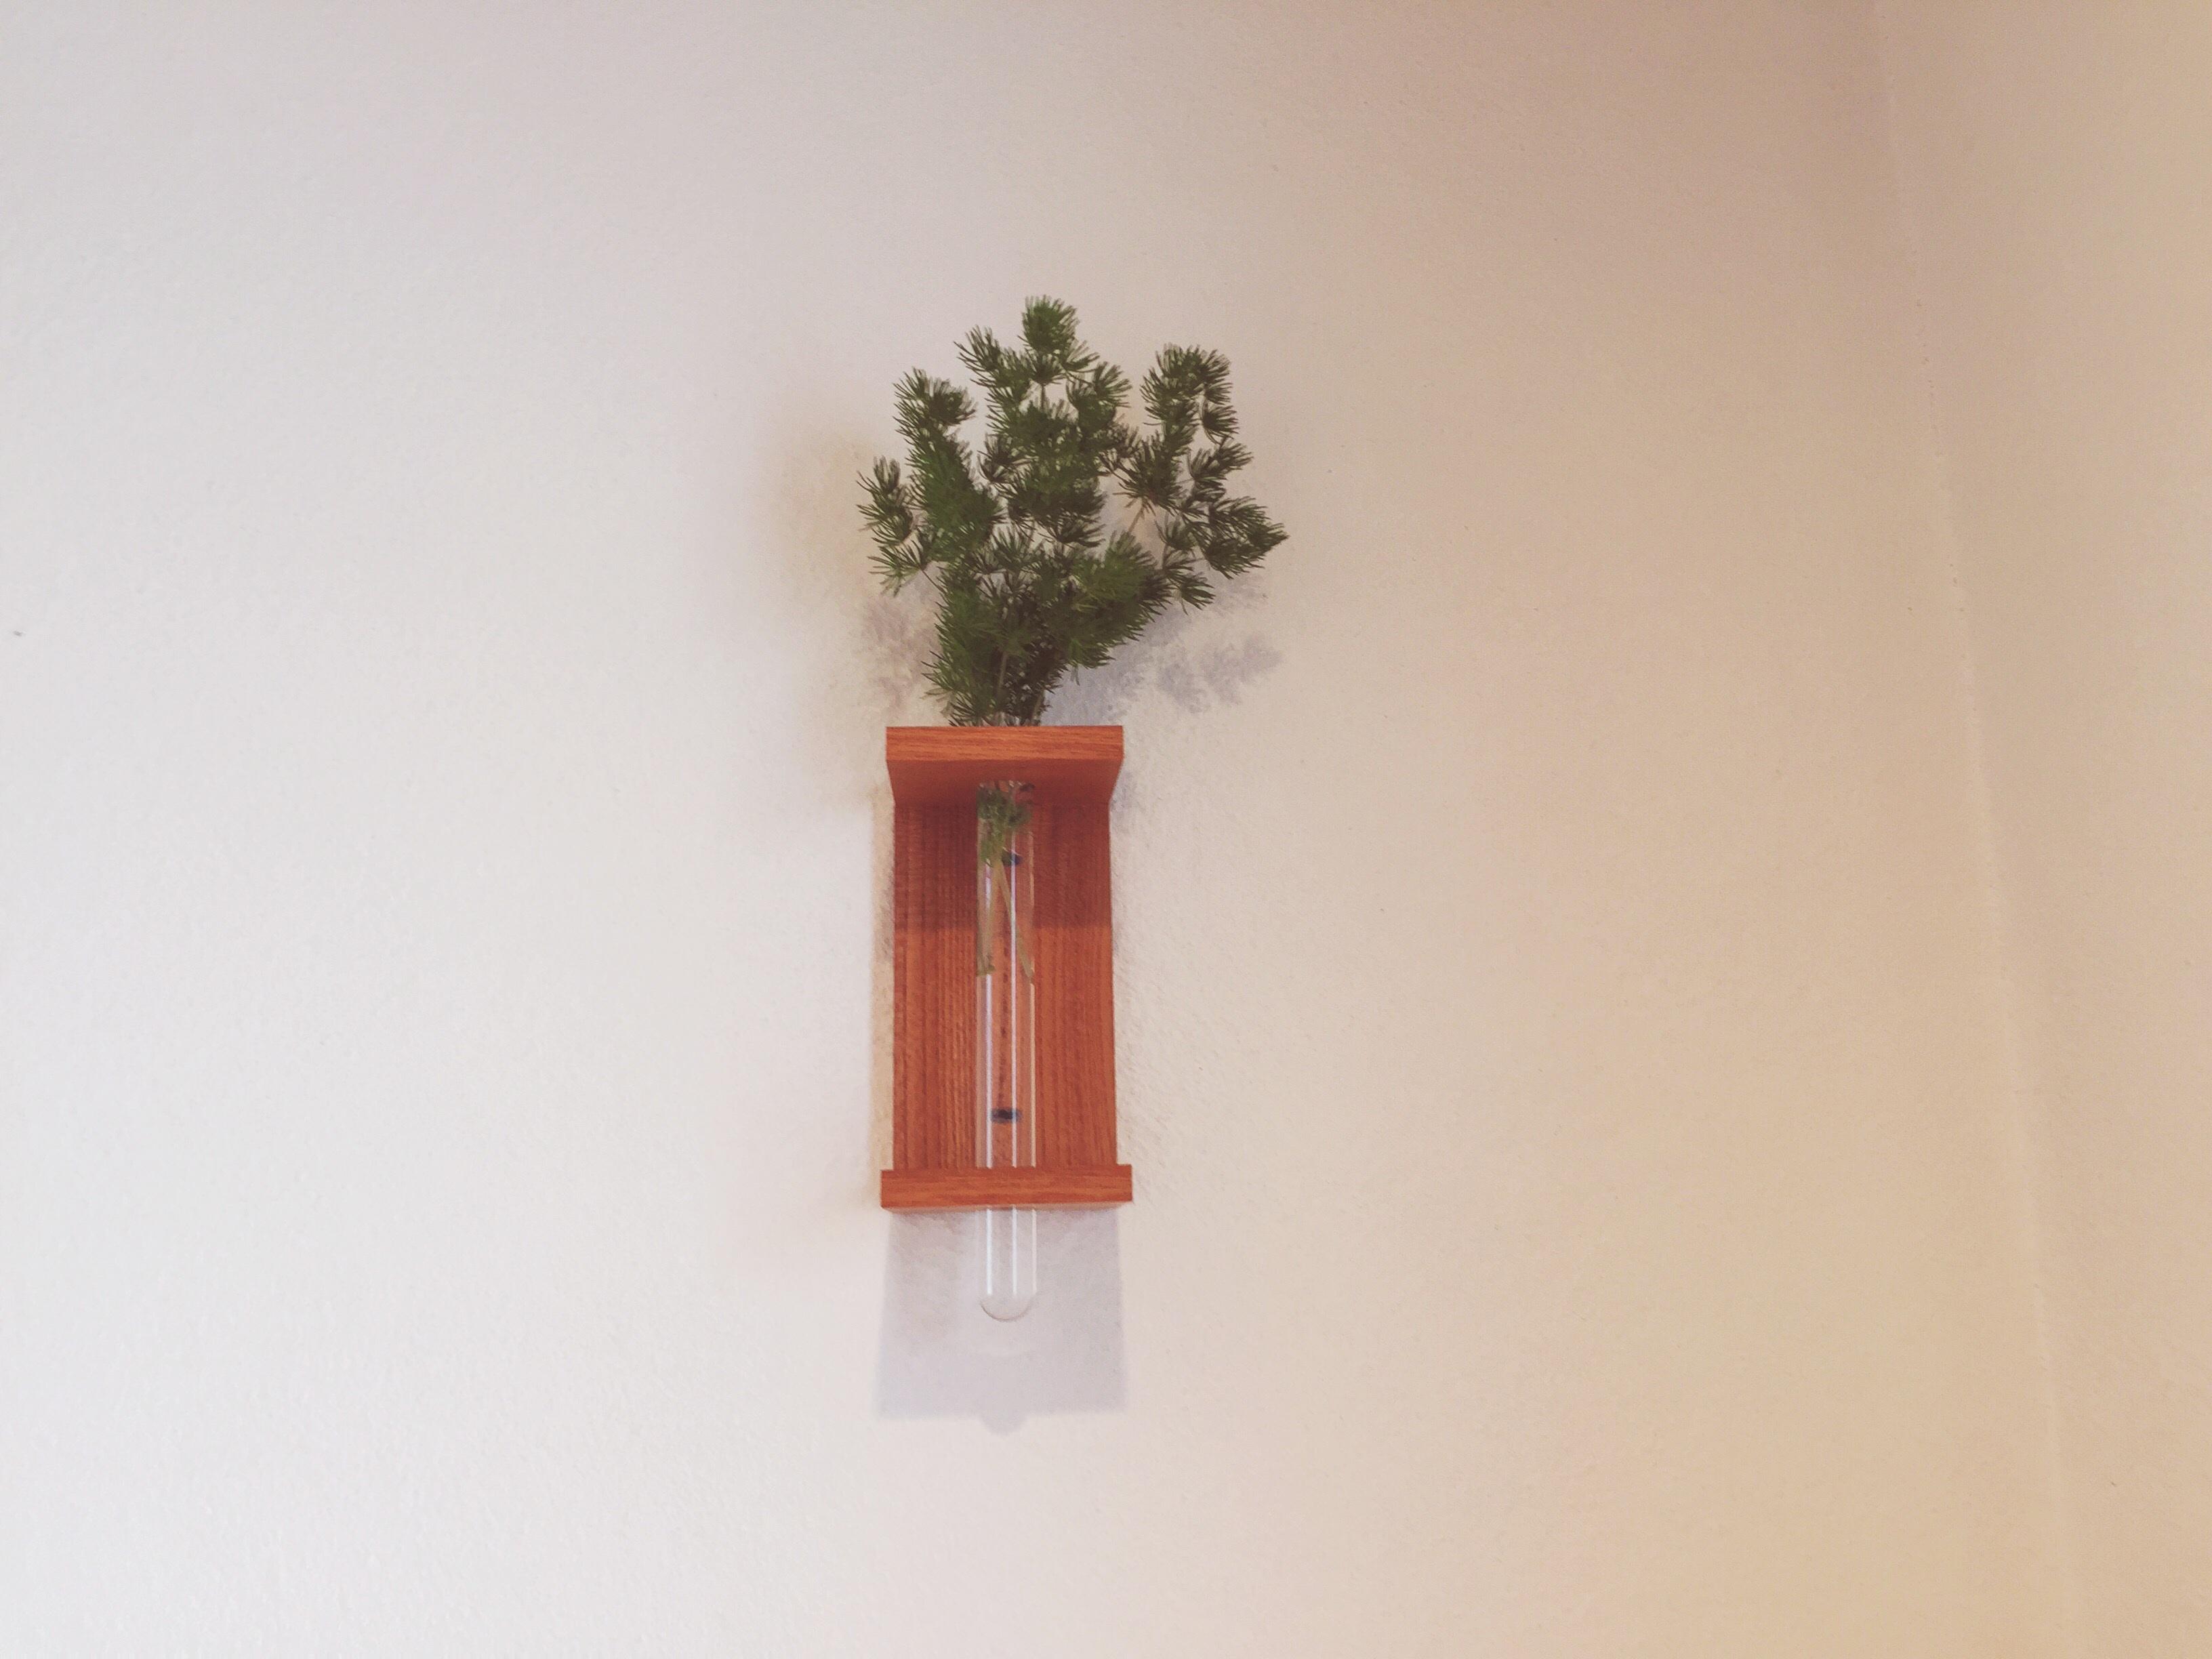 ペレット ストーブ 湘南 ワイズ 土壁 木摺 土壁 漆喰 自然素材 無垢